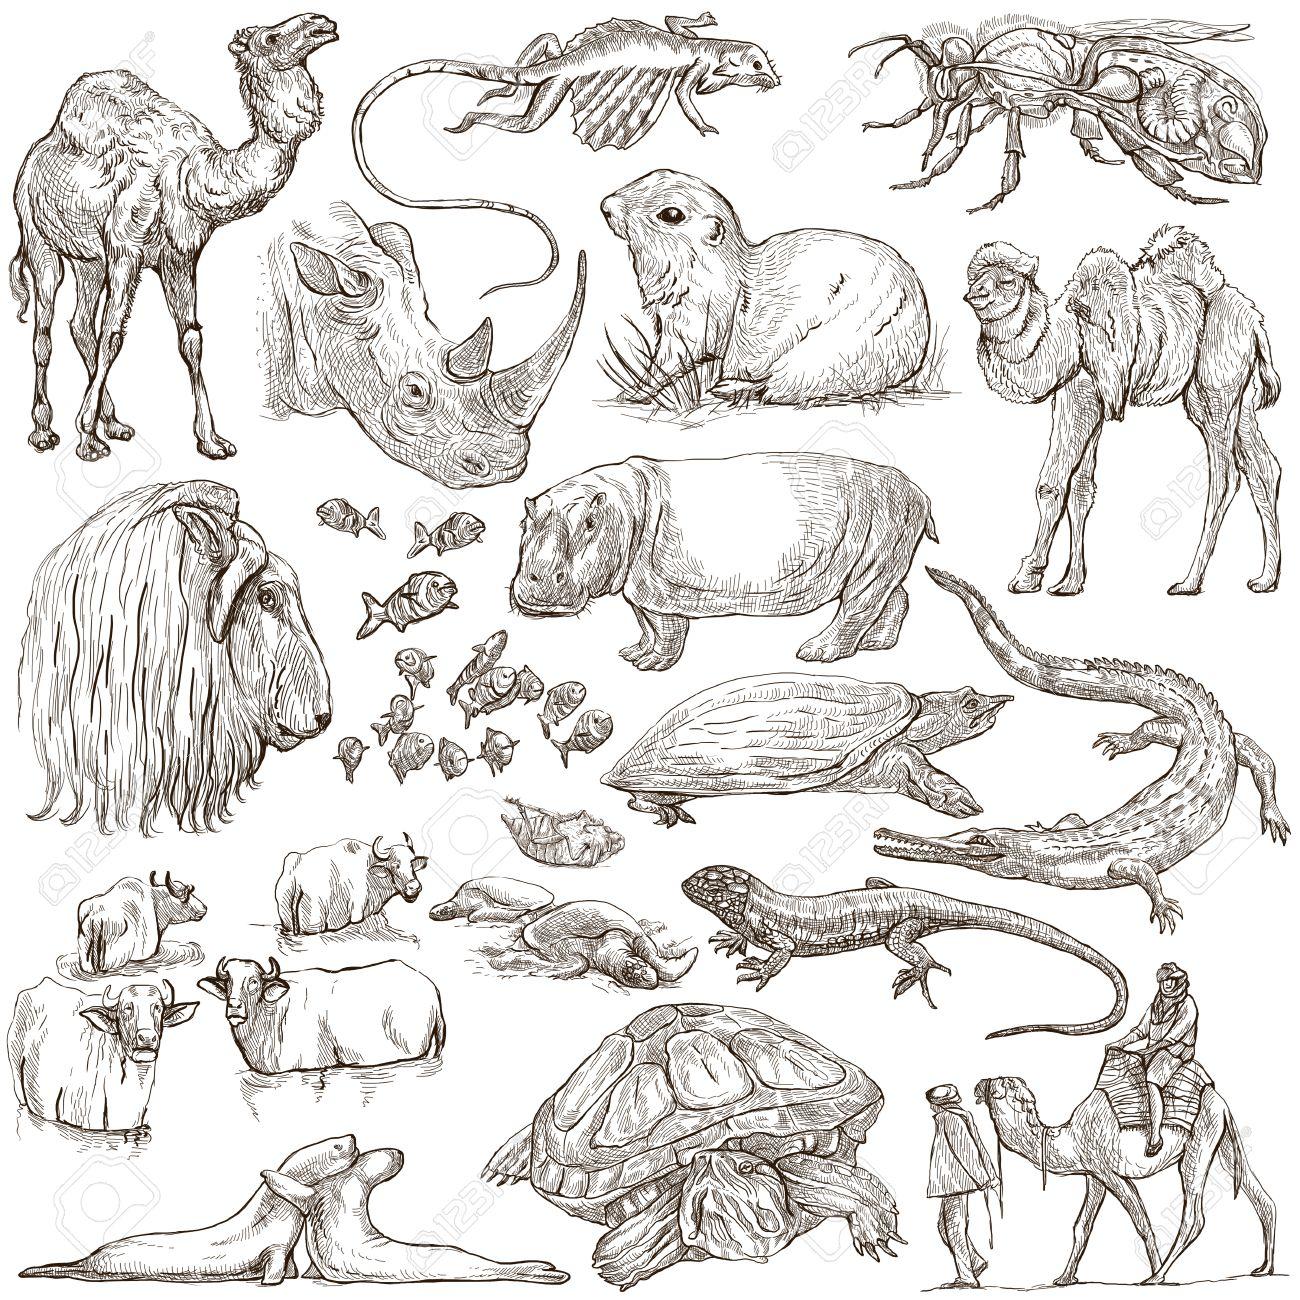 世界の動物。手描きイラスト集です。フリーハンド スケッチ、線画。フル